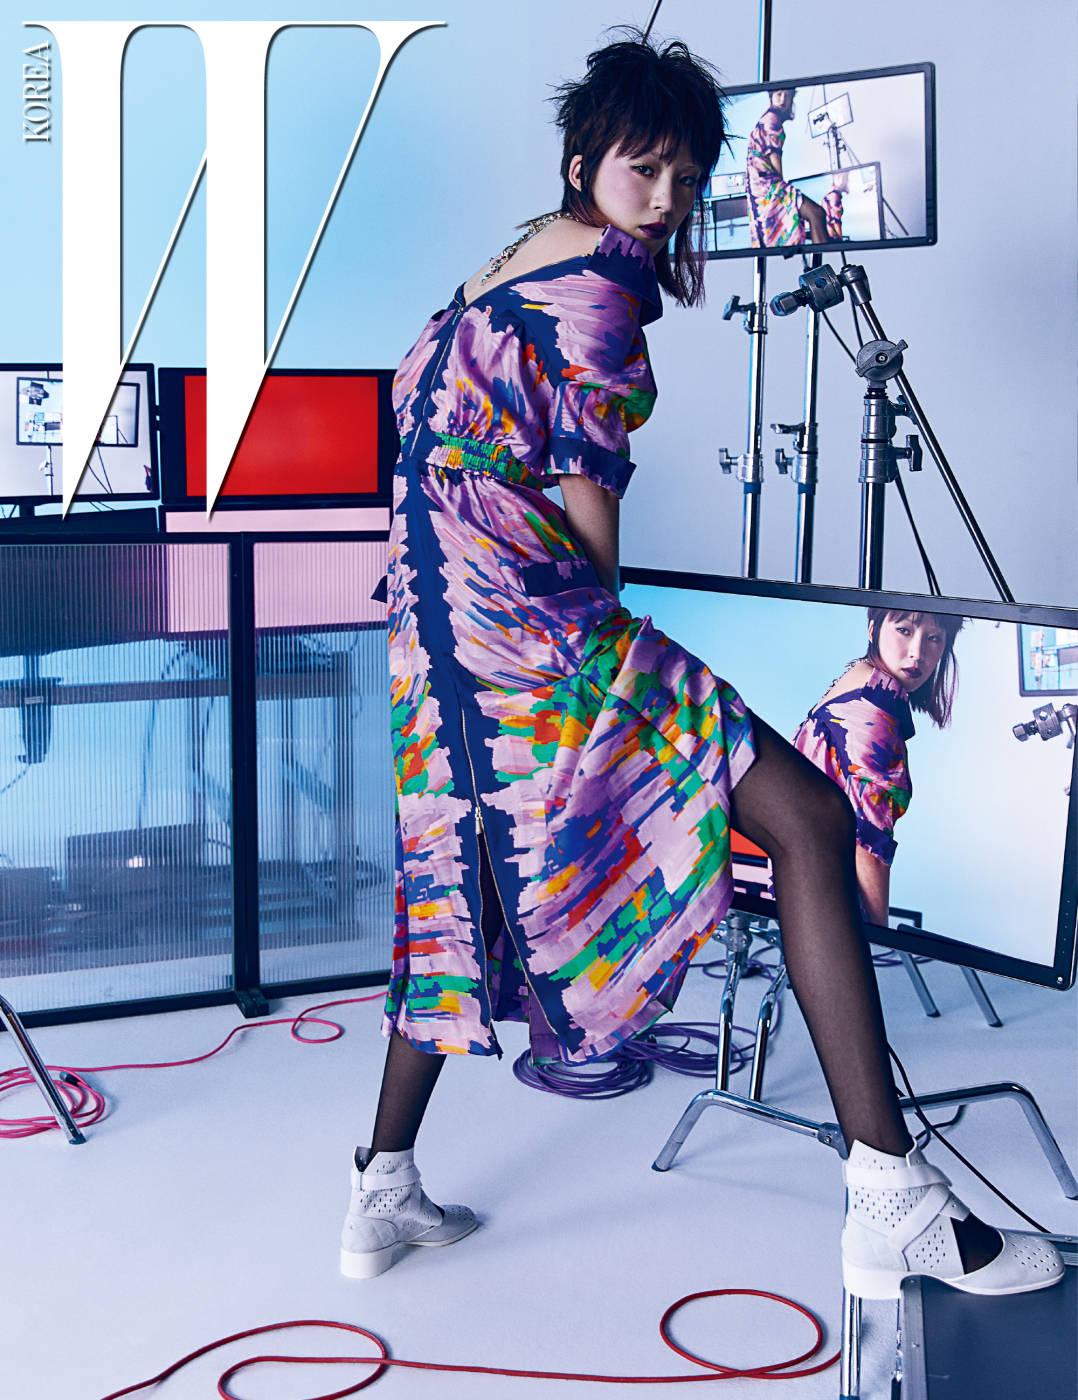 화려한 프린트가 강렬한 집업 톱과 스커트, 십자가 모티프의 펜던트 목걸이, 엘라스틱 밴드 장식의 메시 슈즈는 모두 Chanel 제품.